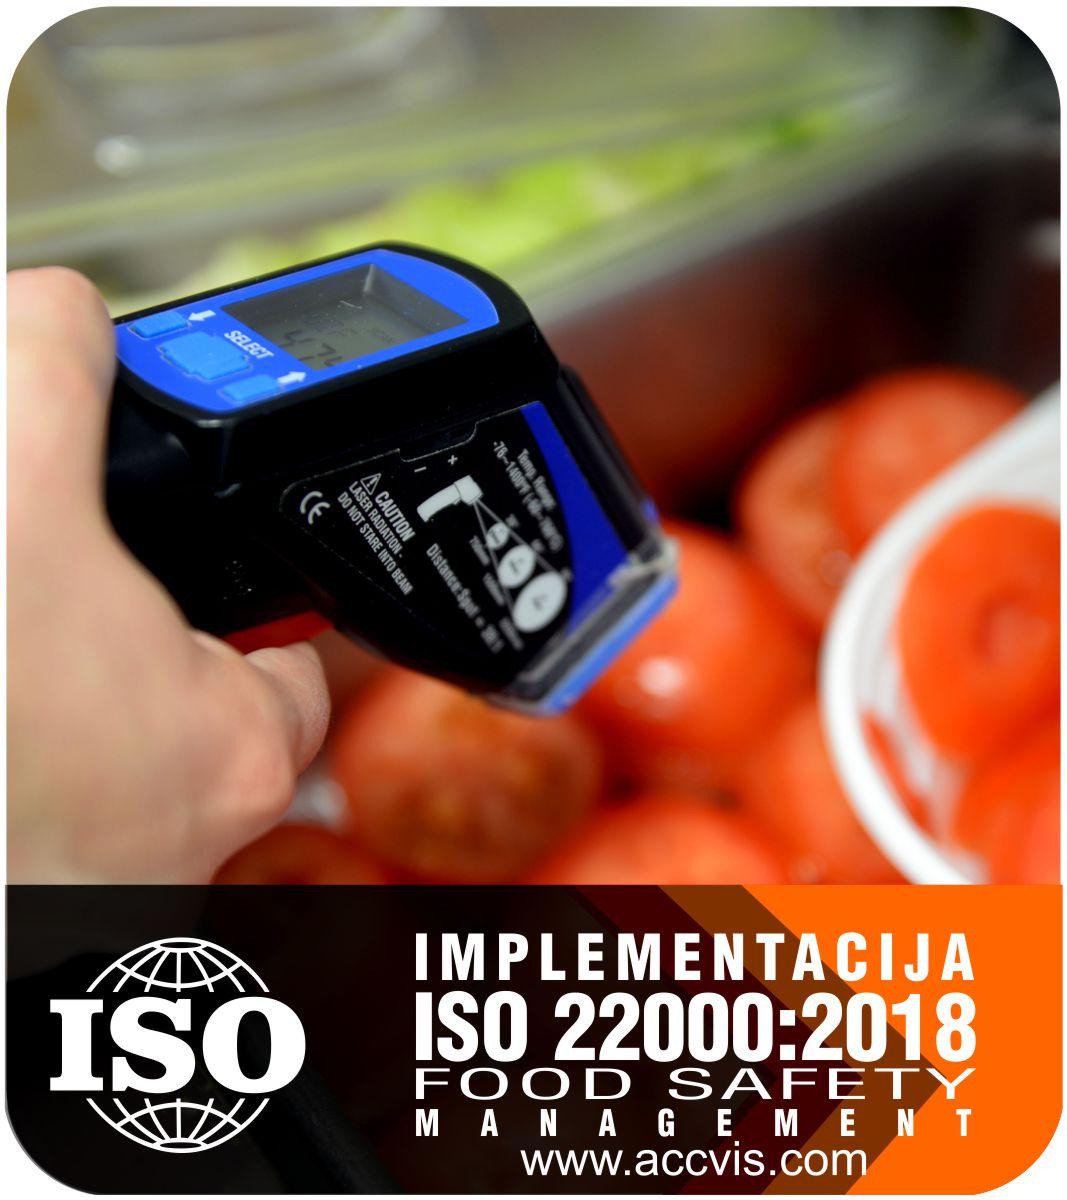 Uvodjenje standarda ISO 22000